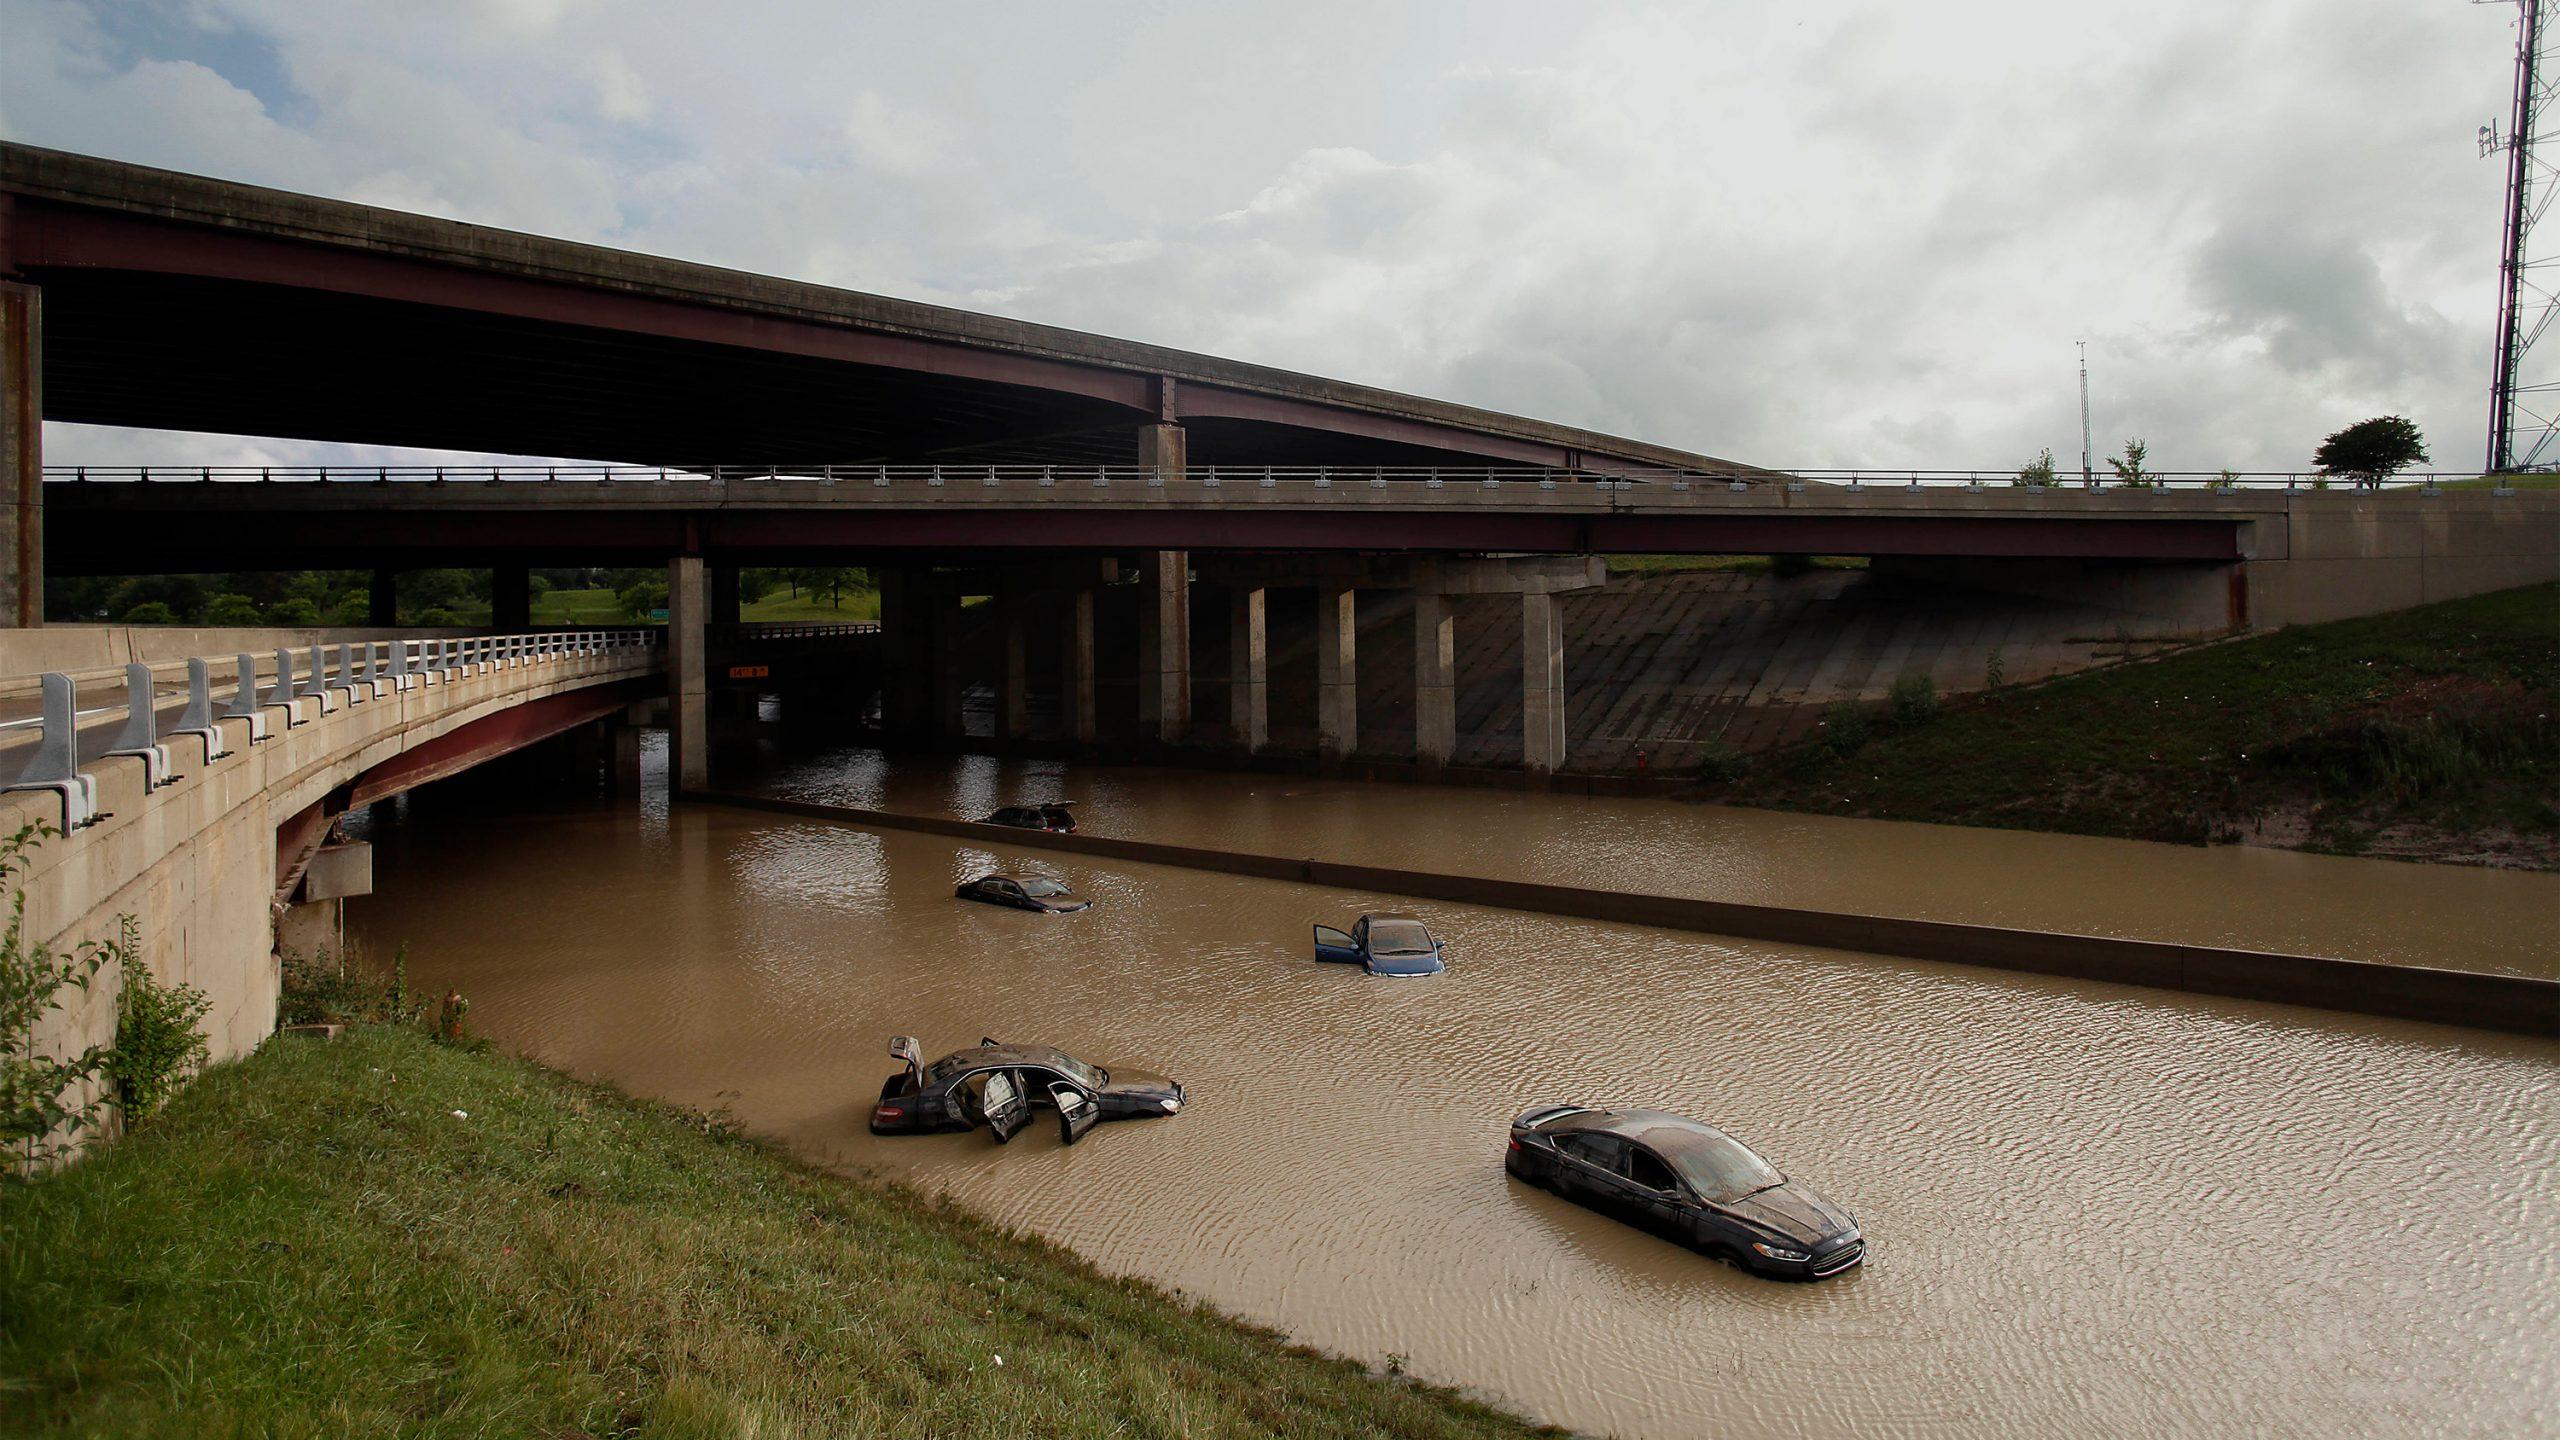 気候変動で頻発する洪水、都市に望まれる水害対策とは